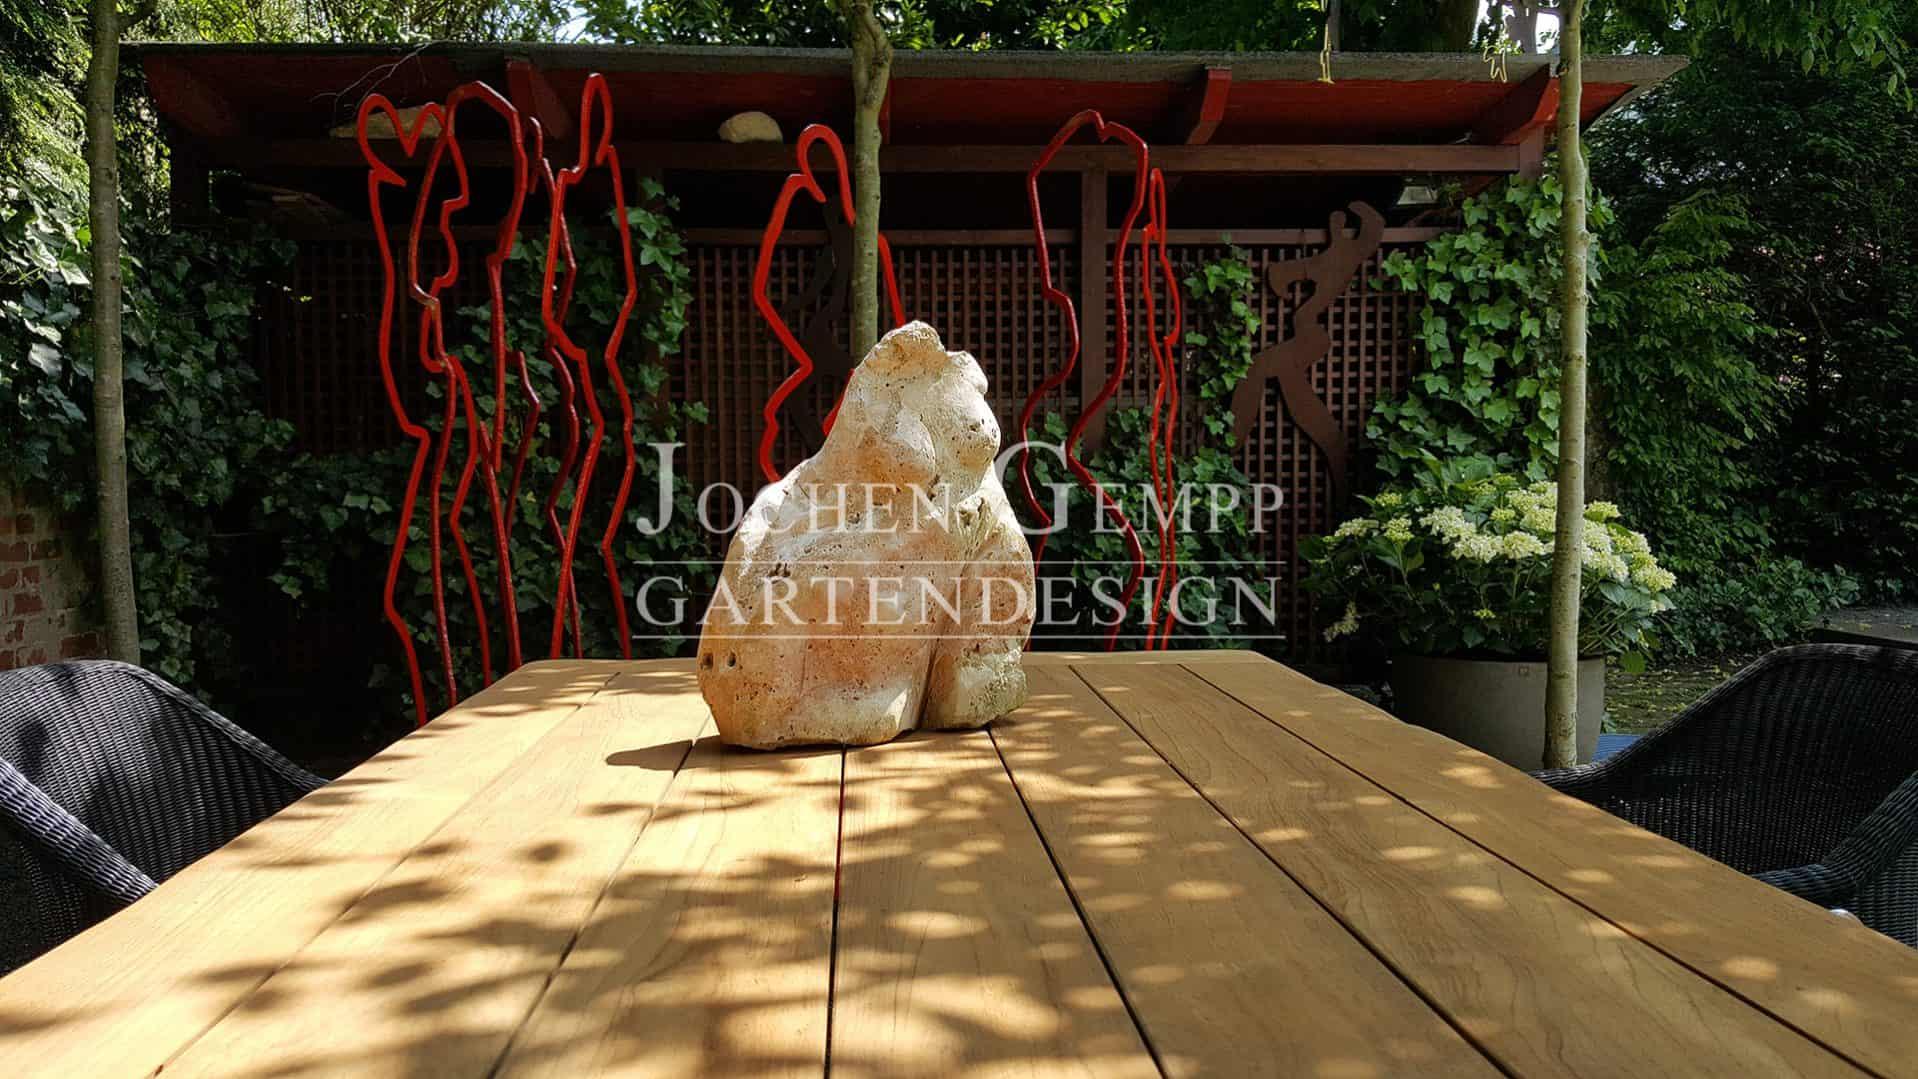 Full Size of Gartenskulpturen Aus Holz Und Glas Selber Machen Gartenskulptur Garten Skulpturen Stein Kaufen Moderne Stilvolle Gempp Gartendesign Vollholzküche Regale Wohnzimmer Gartenskulpturen Holz